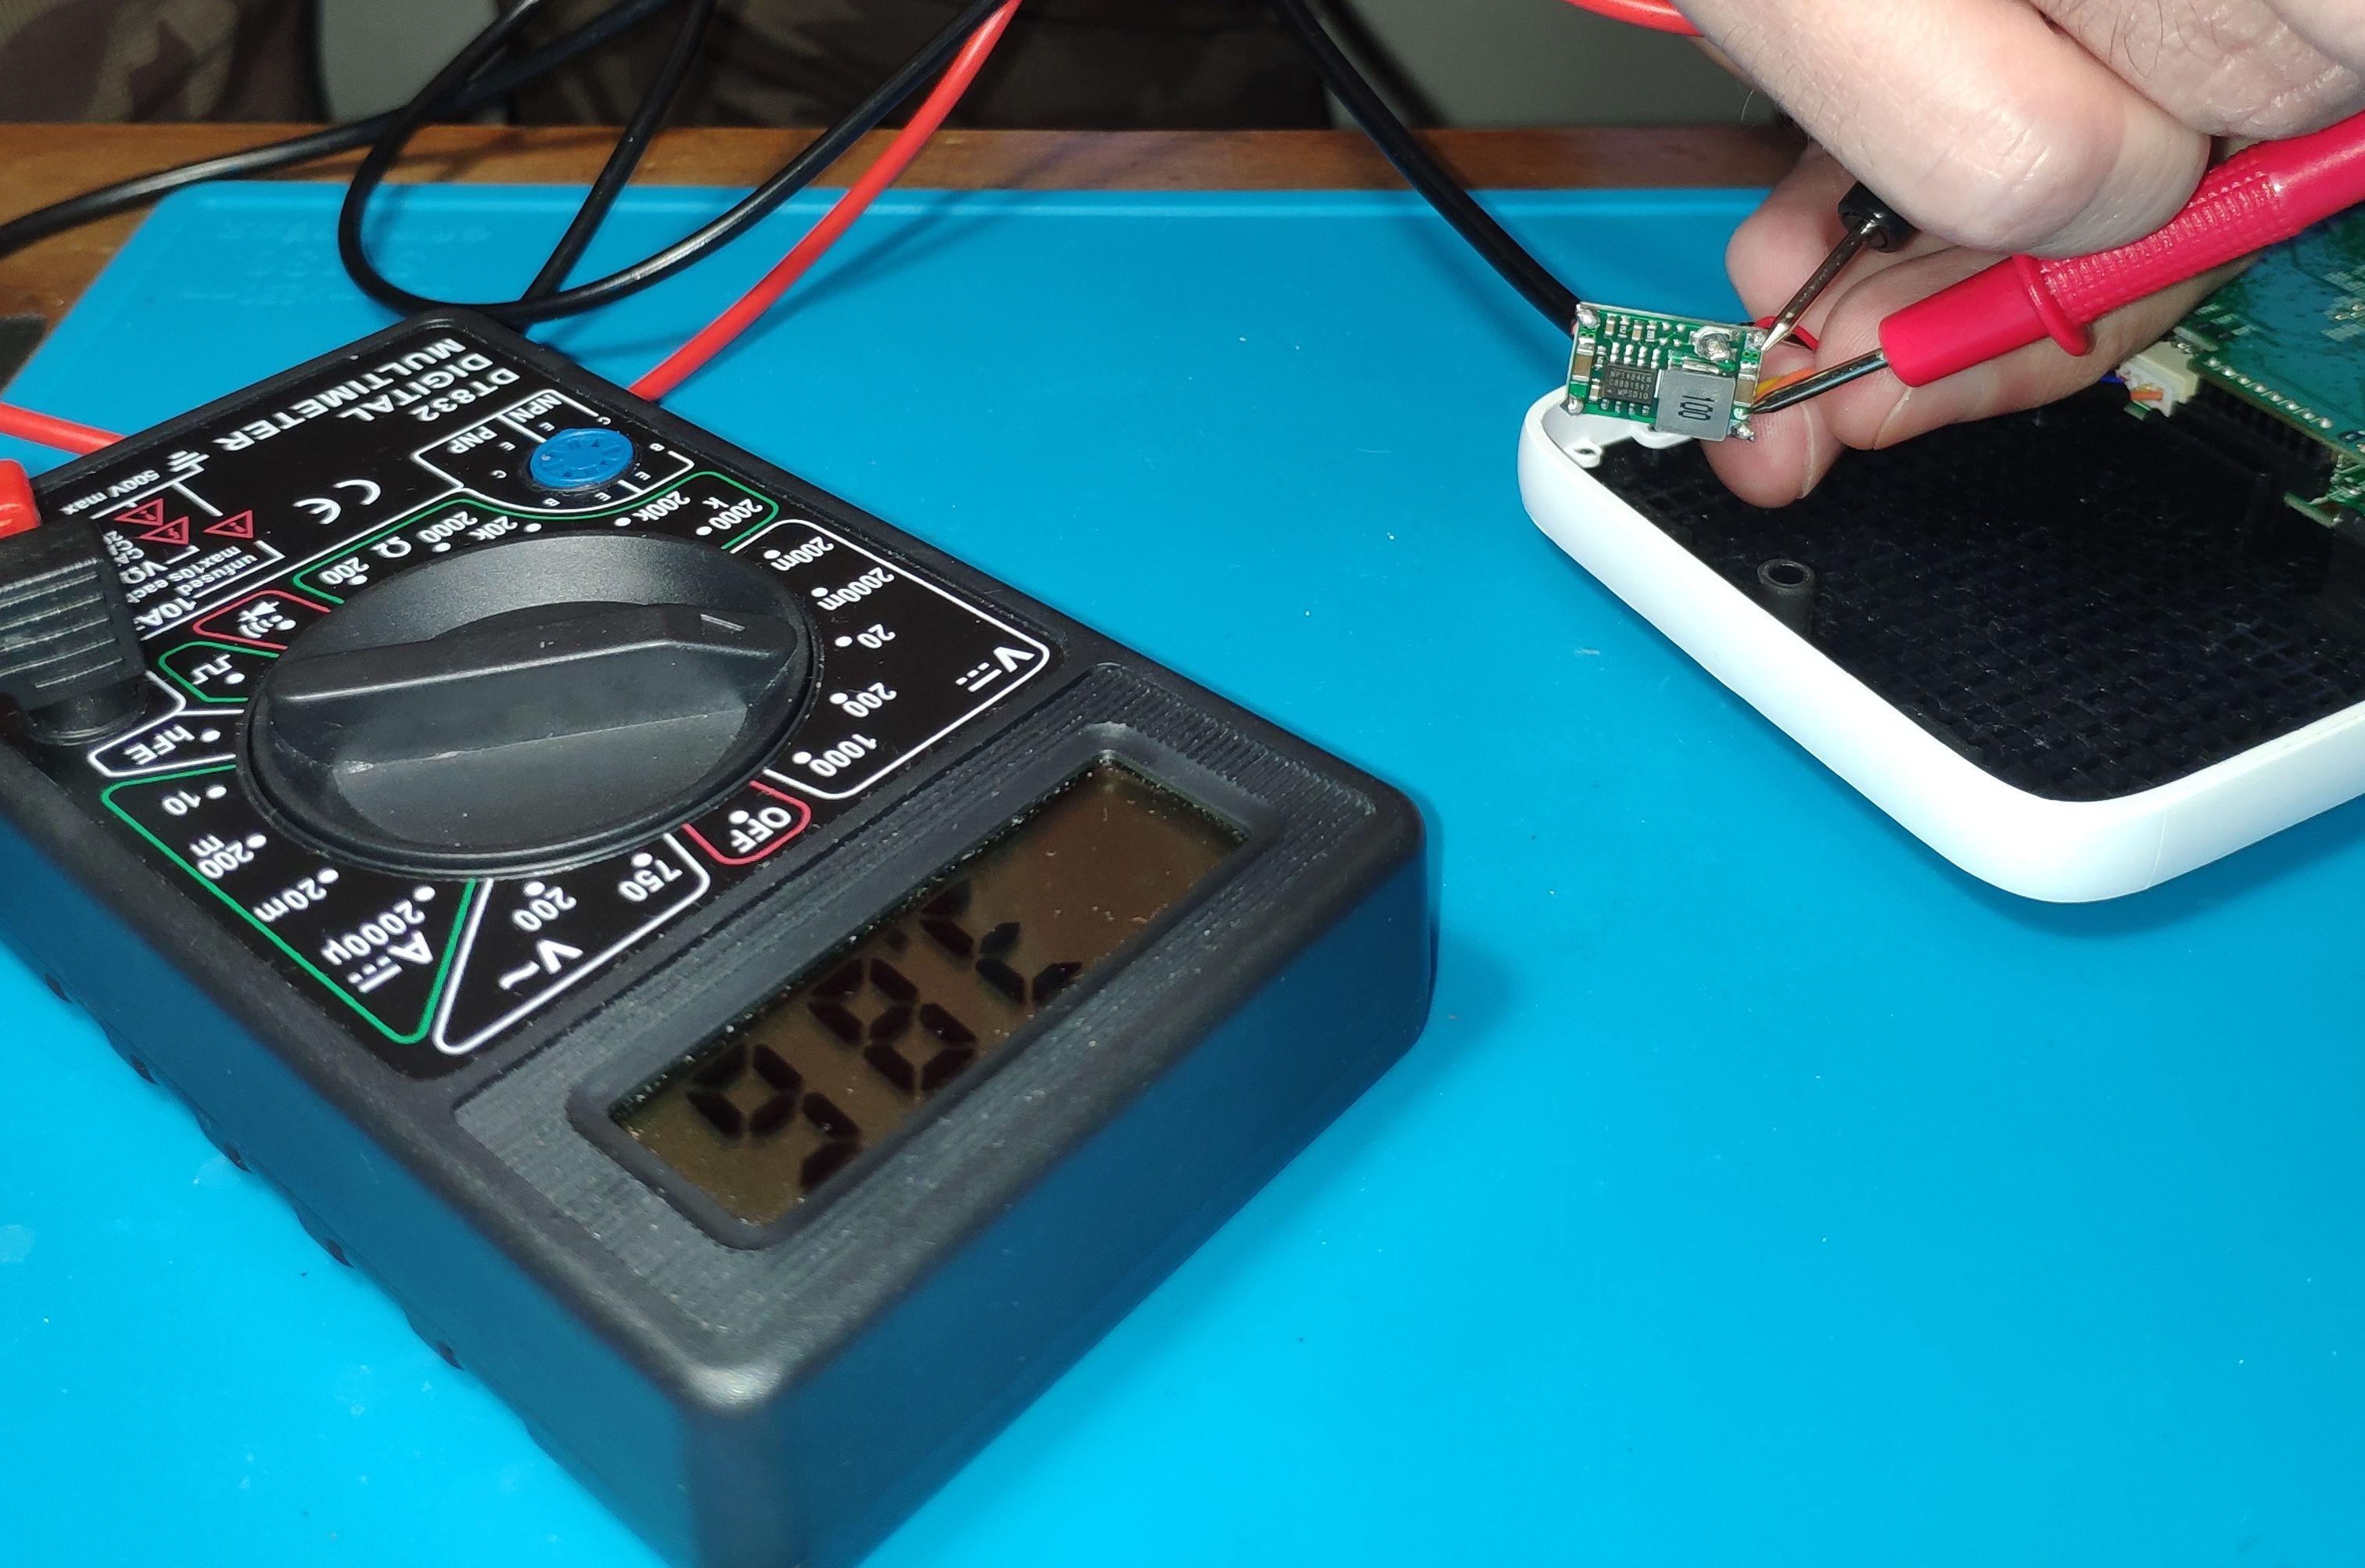 С 4 вольт без нагрузки просел до 3.86 под нагрузкой